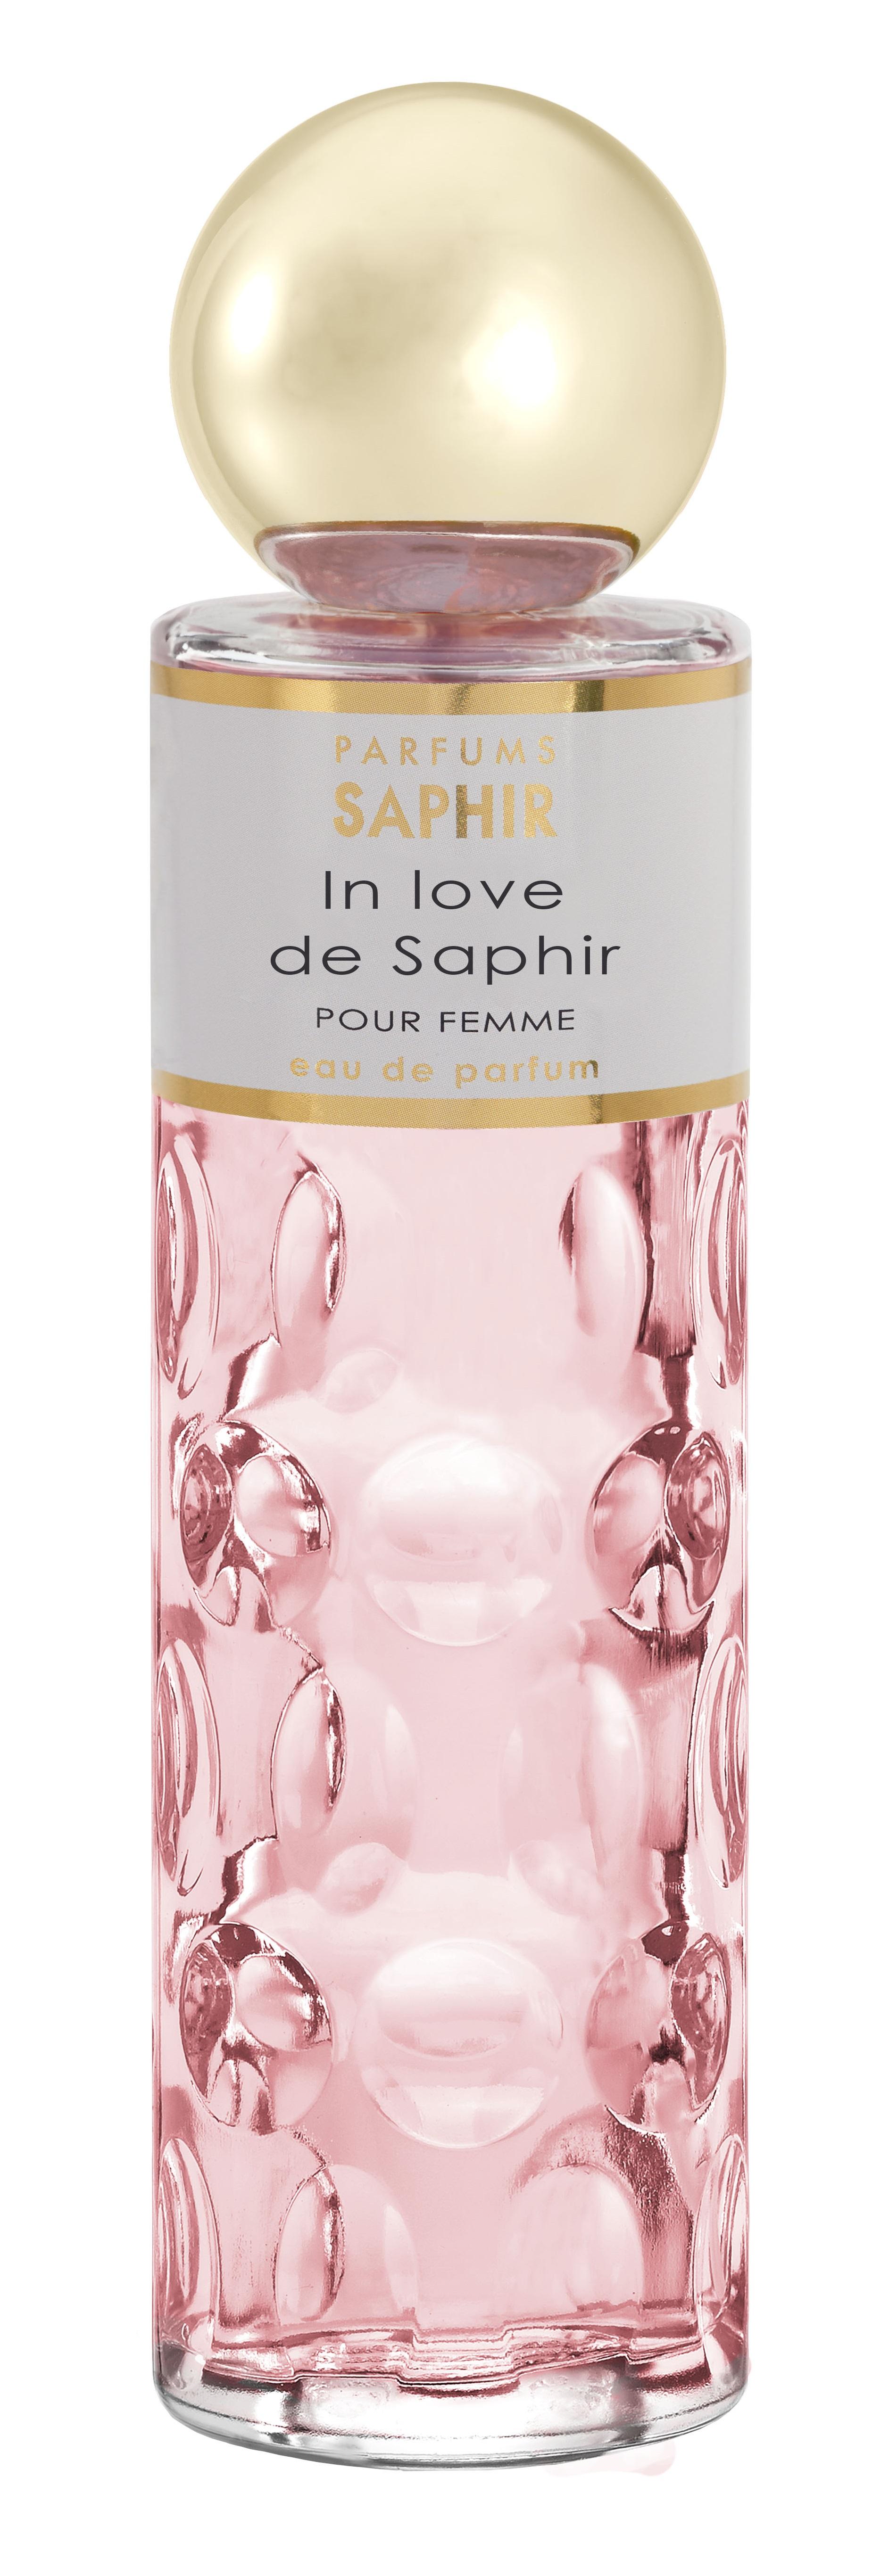 Saphir In Love  Eau de Parfum 200 ml